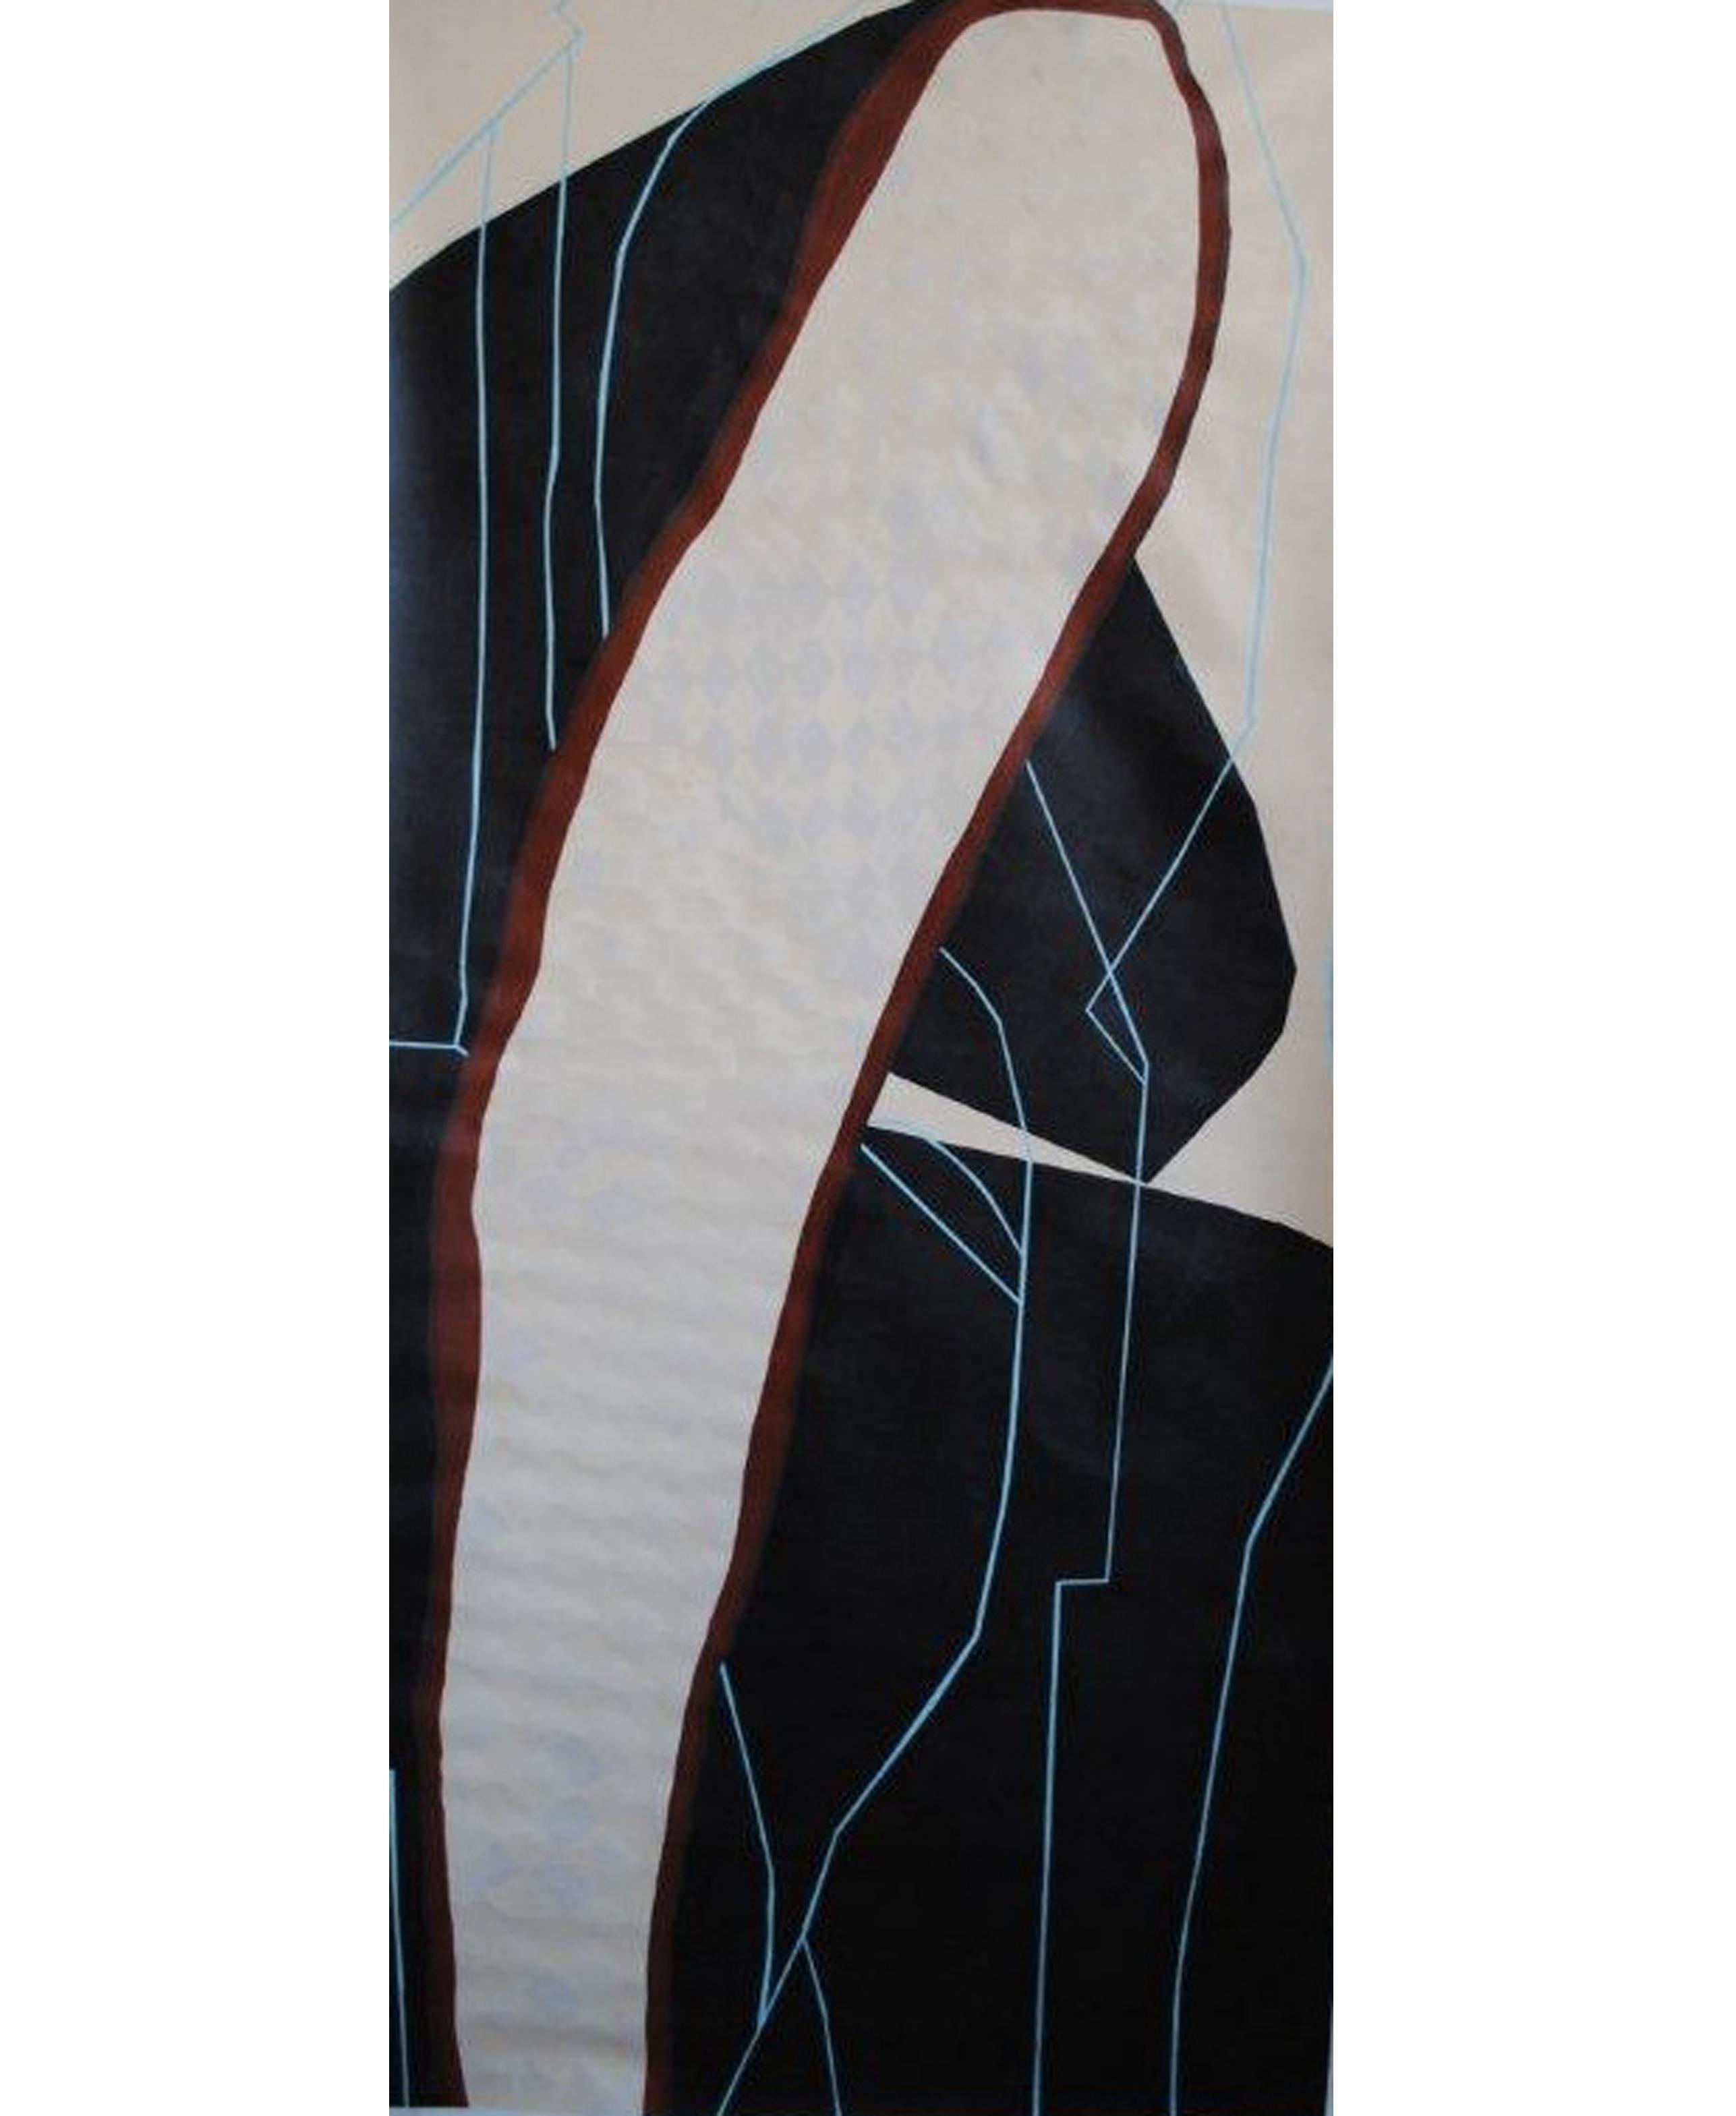 2010 - acryl op linnen 200x1001